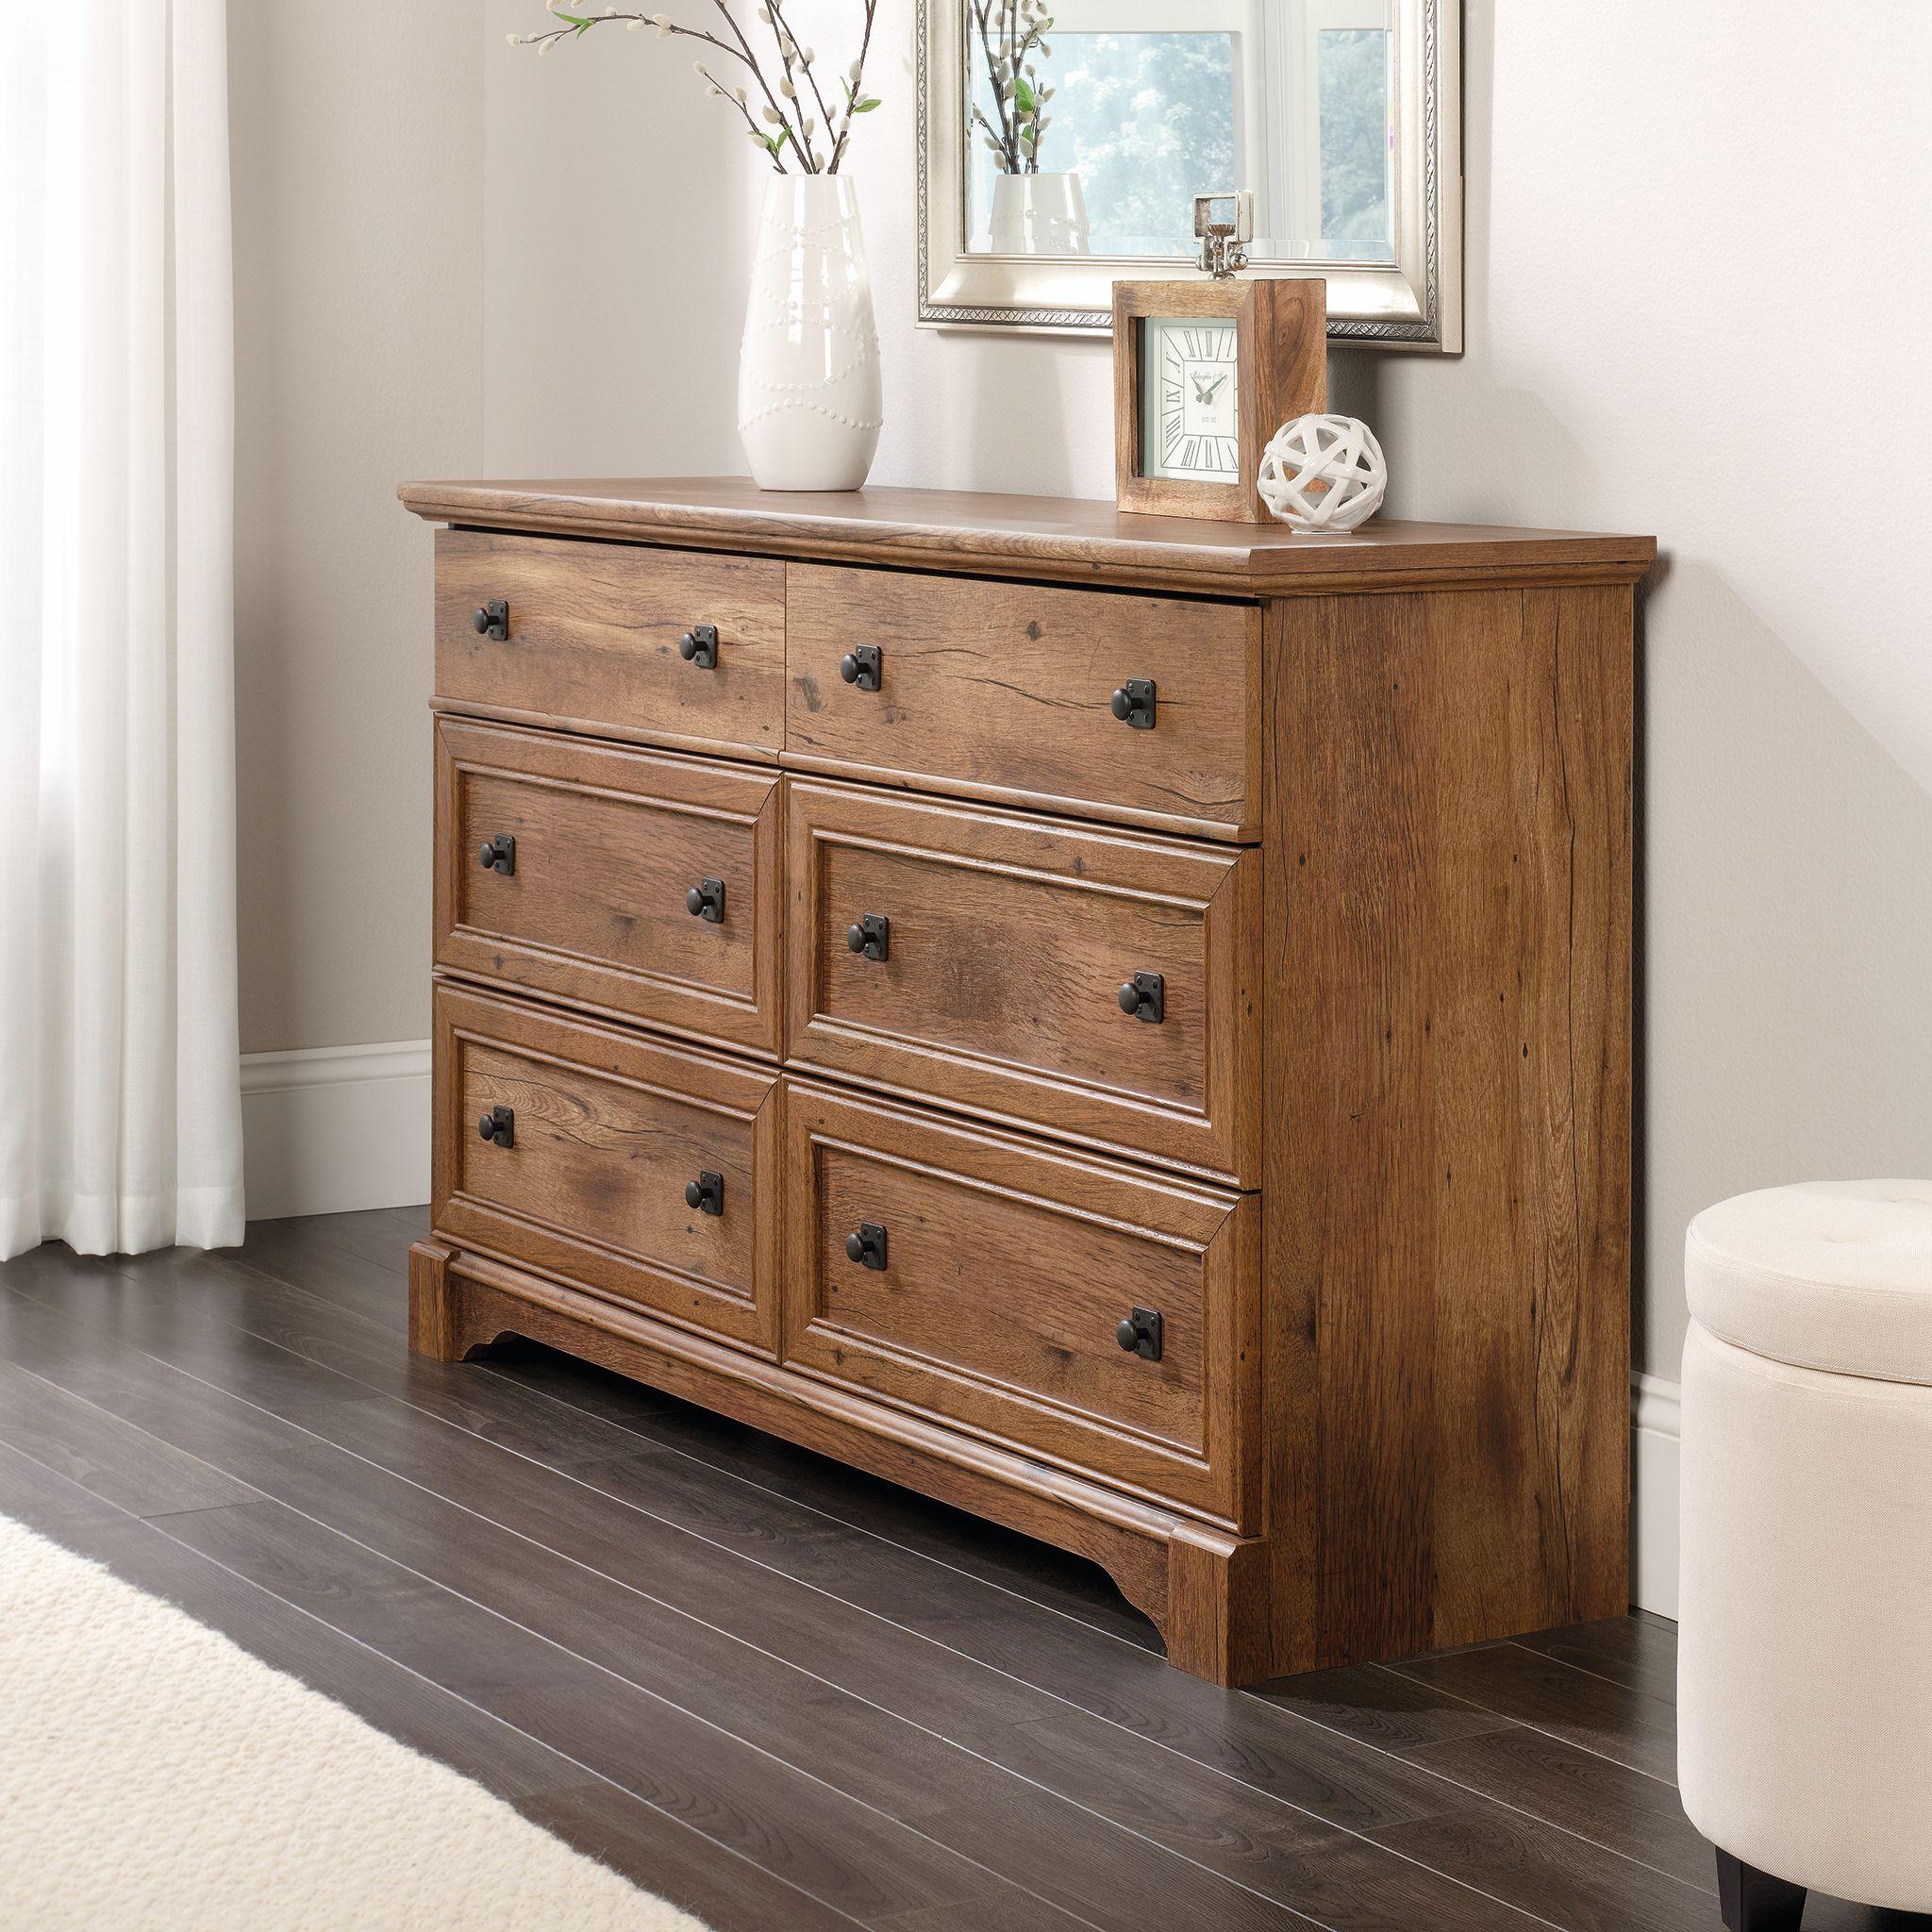 Sauder Palladia Tradtional Dresser, Vintage Oak Finish